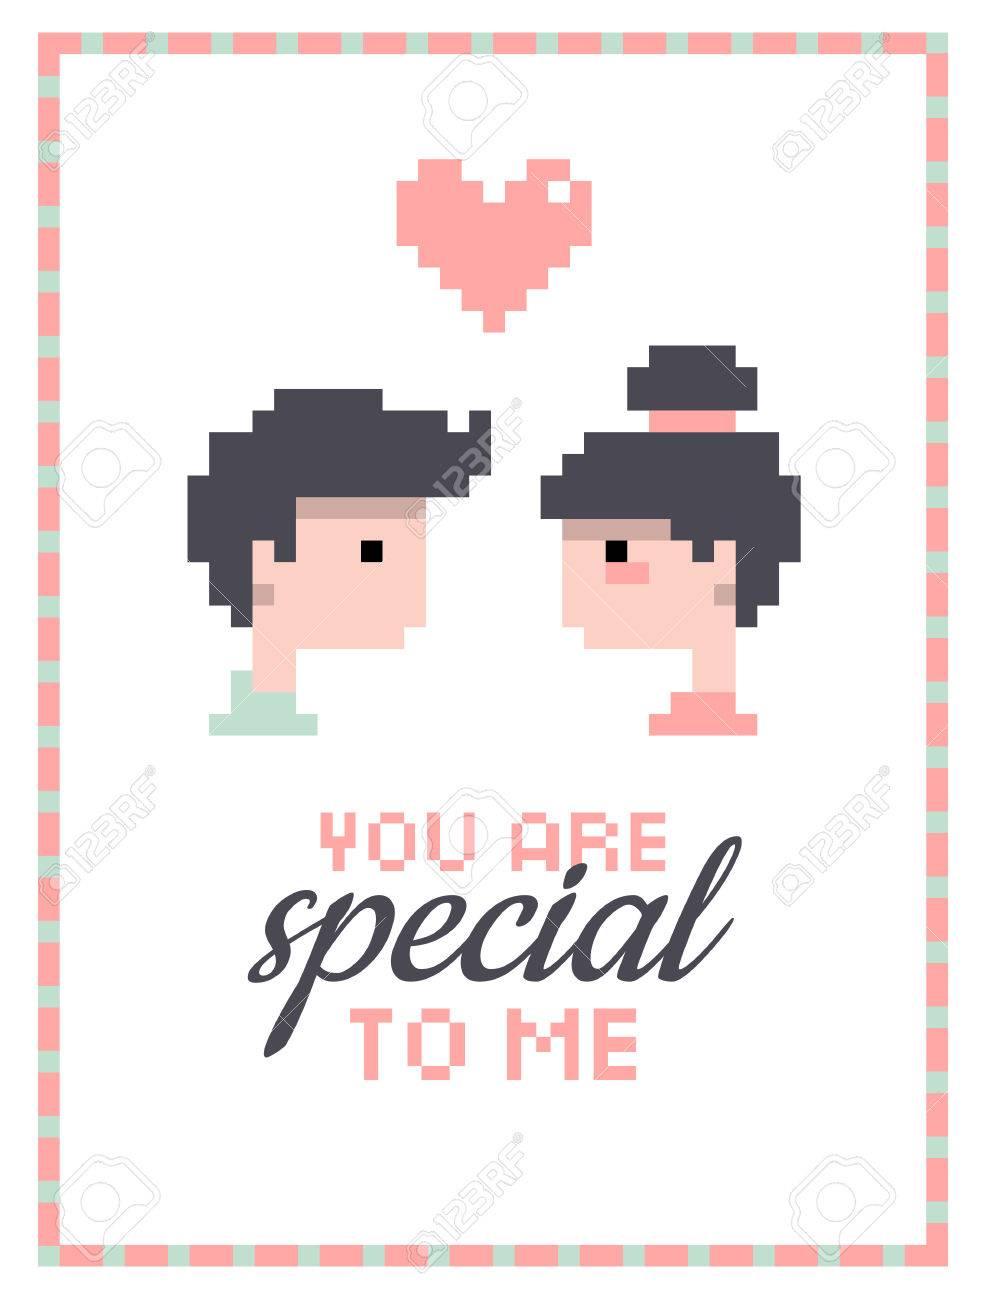 Illustration Romantique De Garçon Et Fille Amoureux De La Carte De La Saint Valentin Faites Gagner La Date Ou Pixel Art De Carte De Mariage